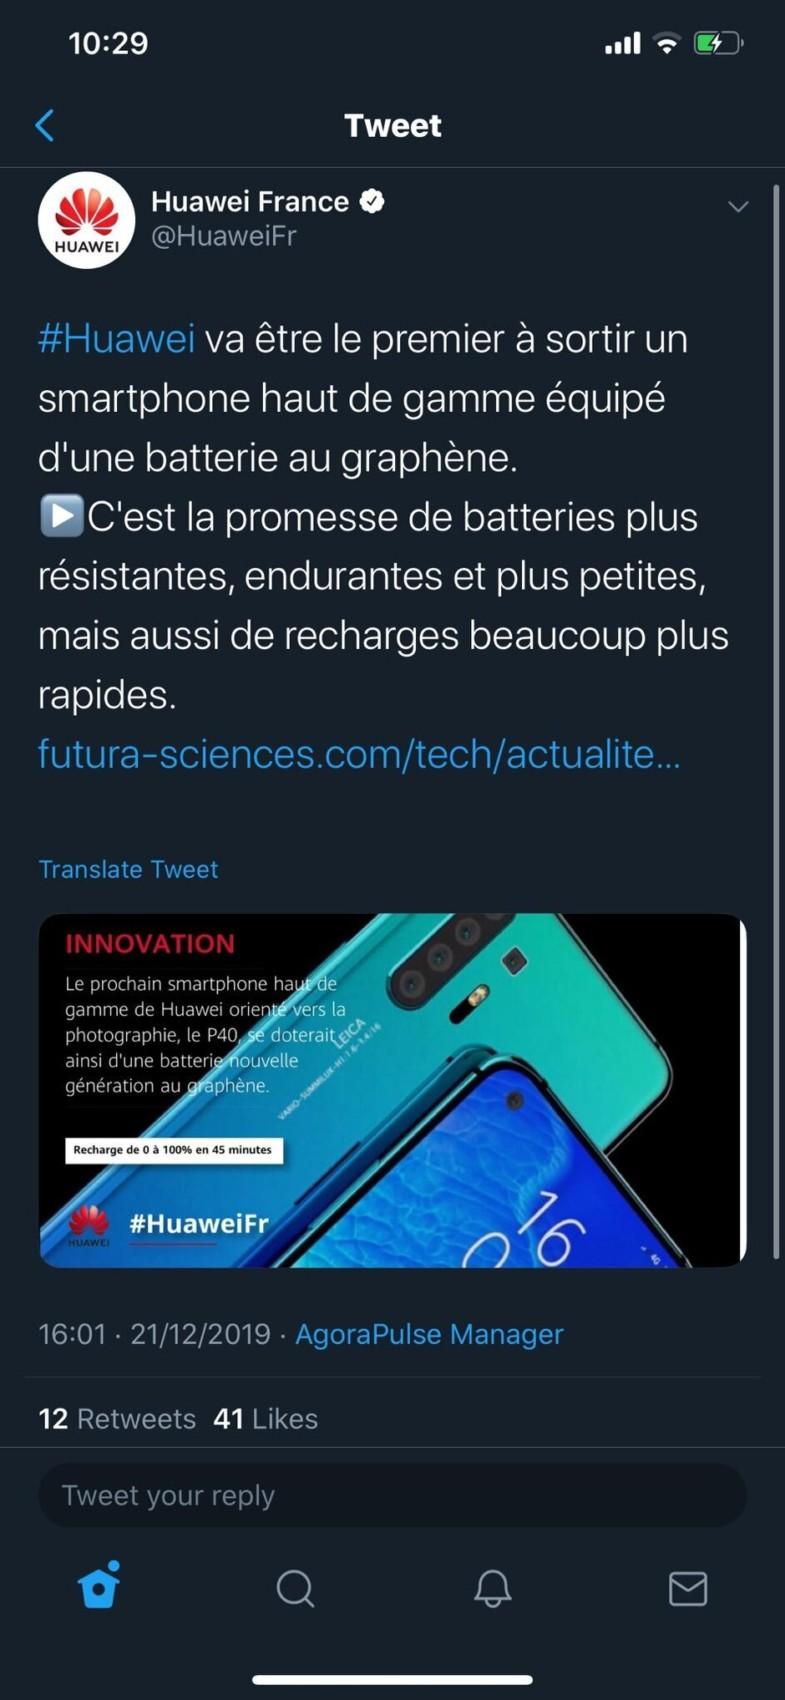 Huawei confirme (presque) que le P40 profitera d'une batterie au graphène